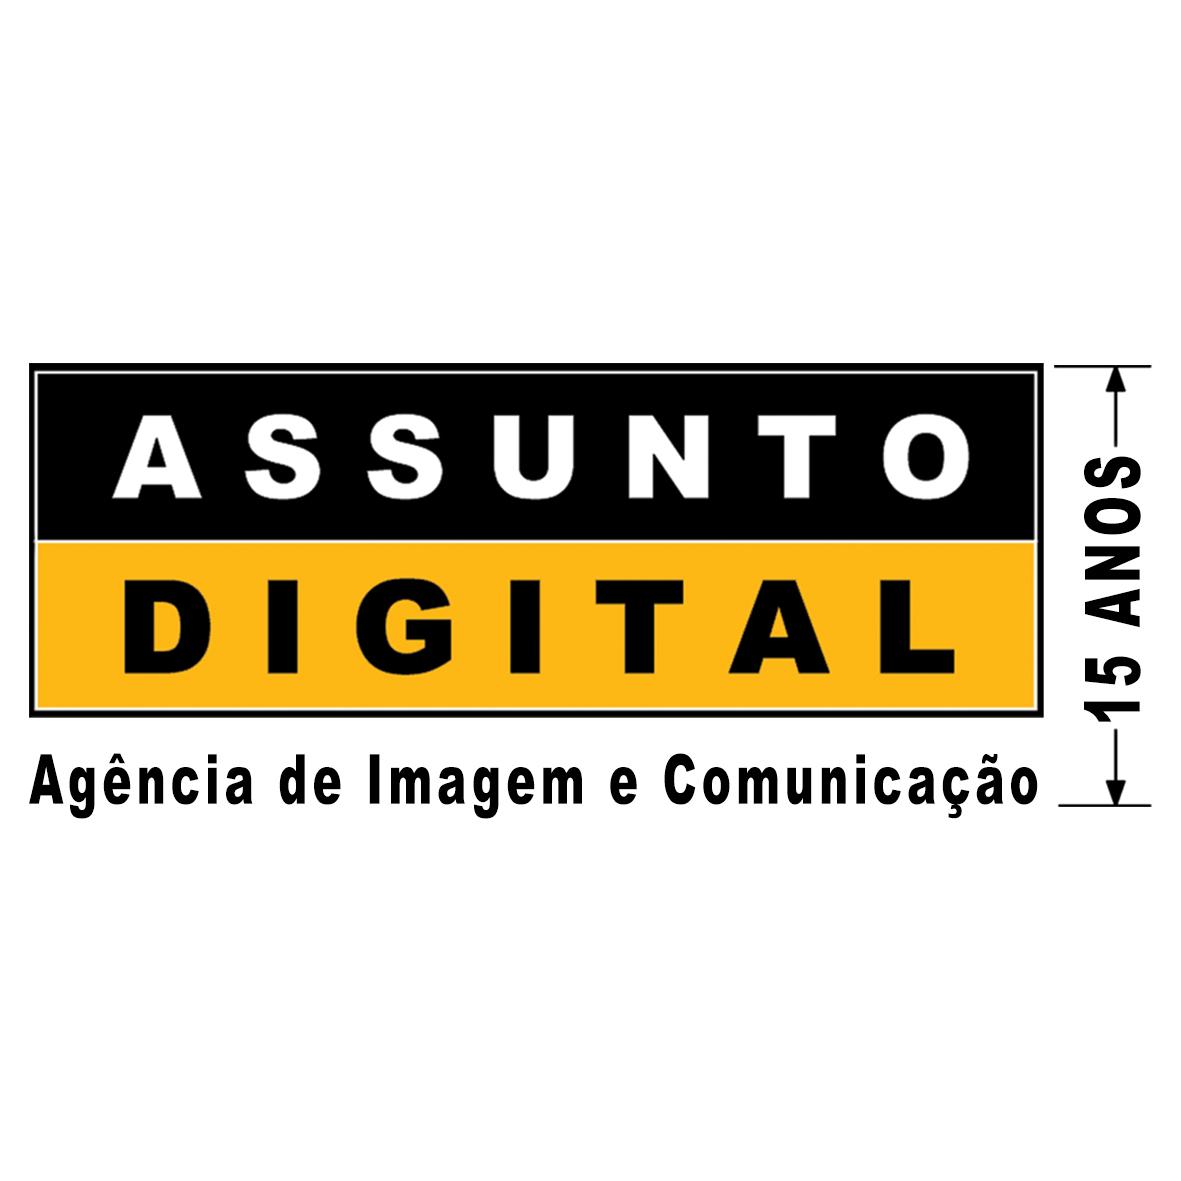 Assunto Digital